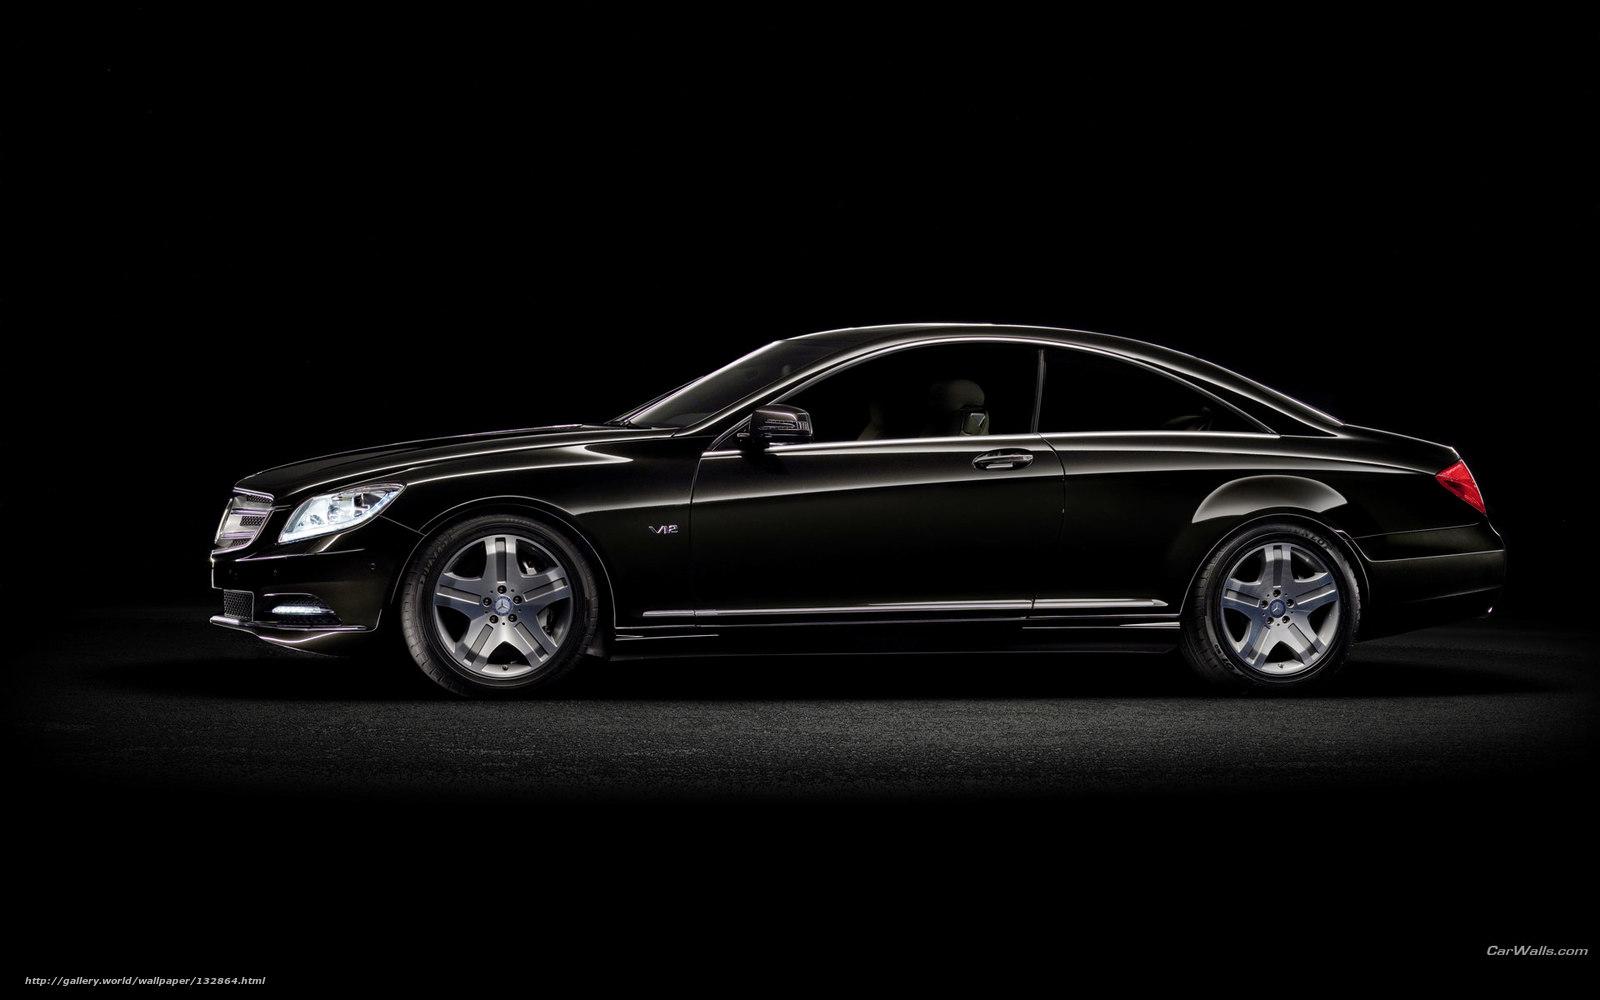 Download wallpaper Mercedes-Benz, CL-Class, Car, machinery ...